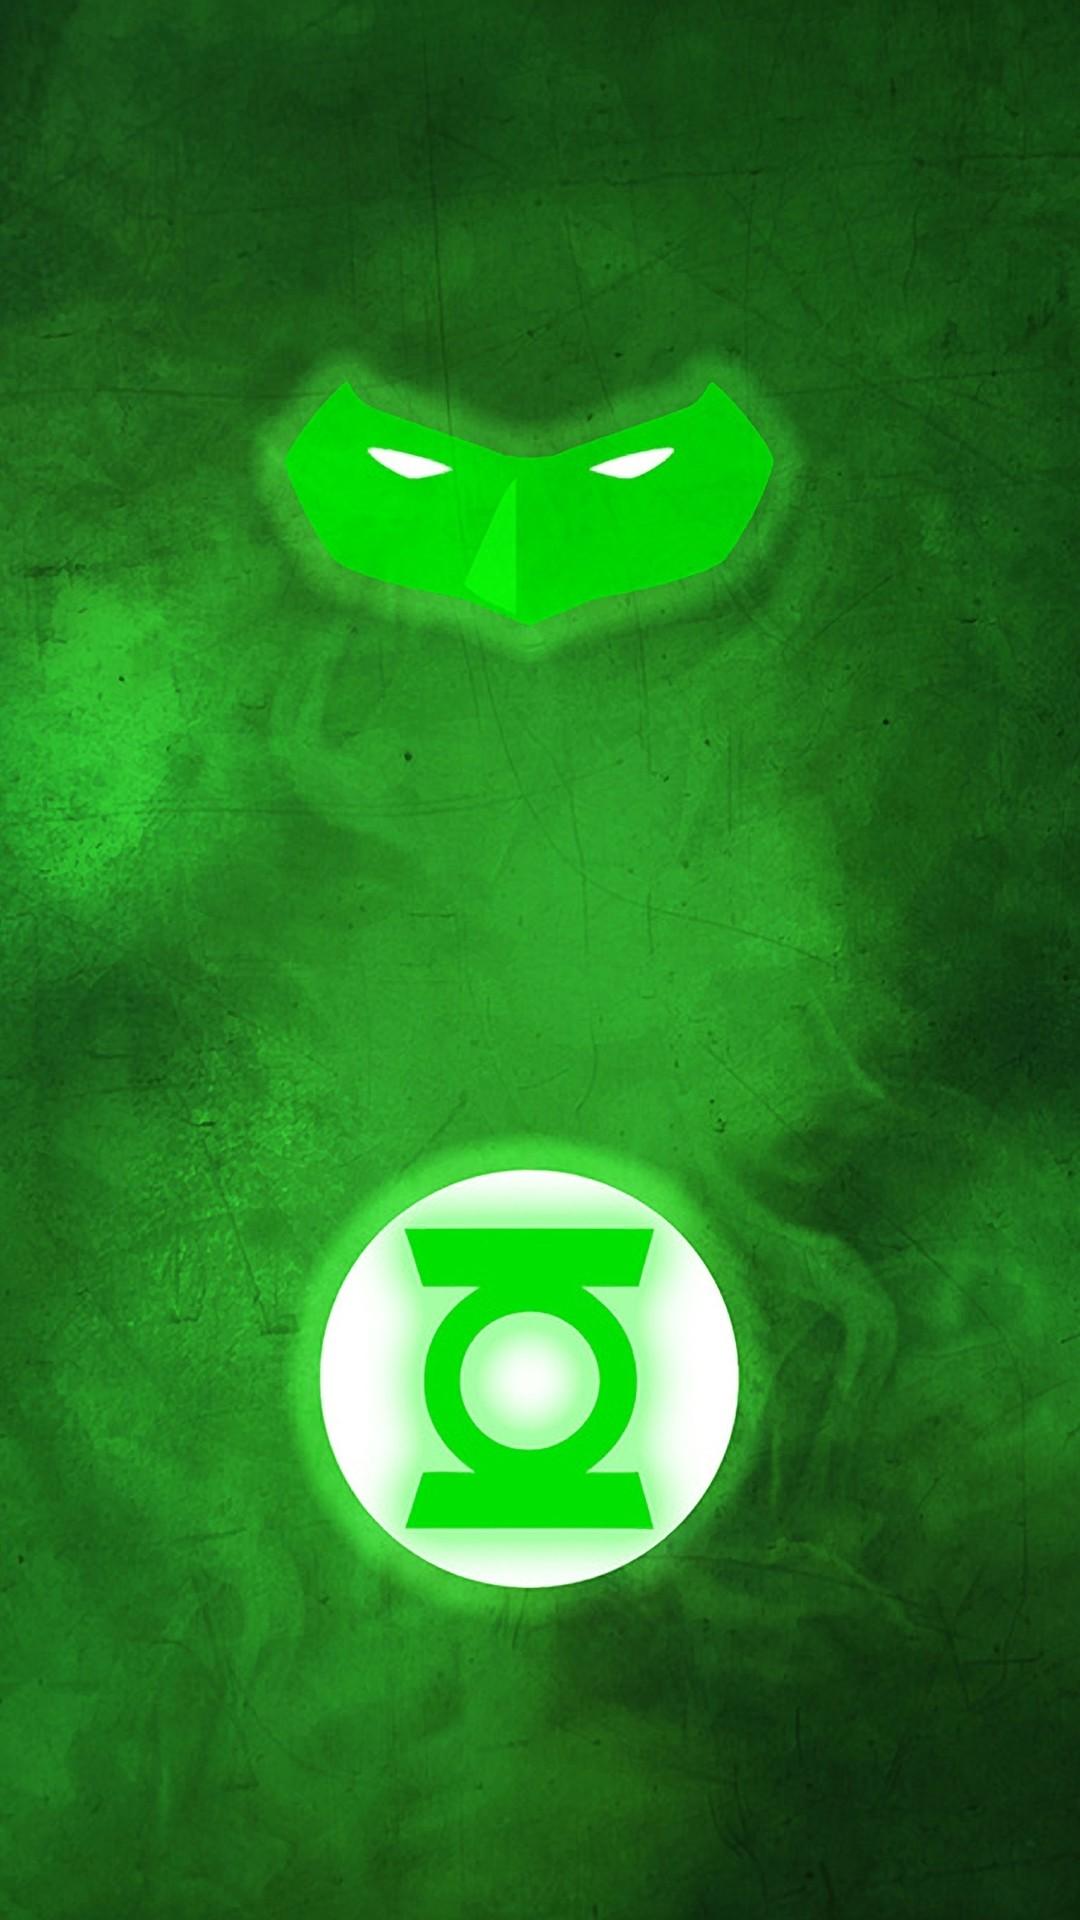 Green Lantern Logo Wallpaper (70+ images)